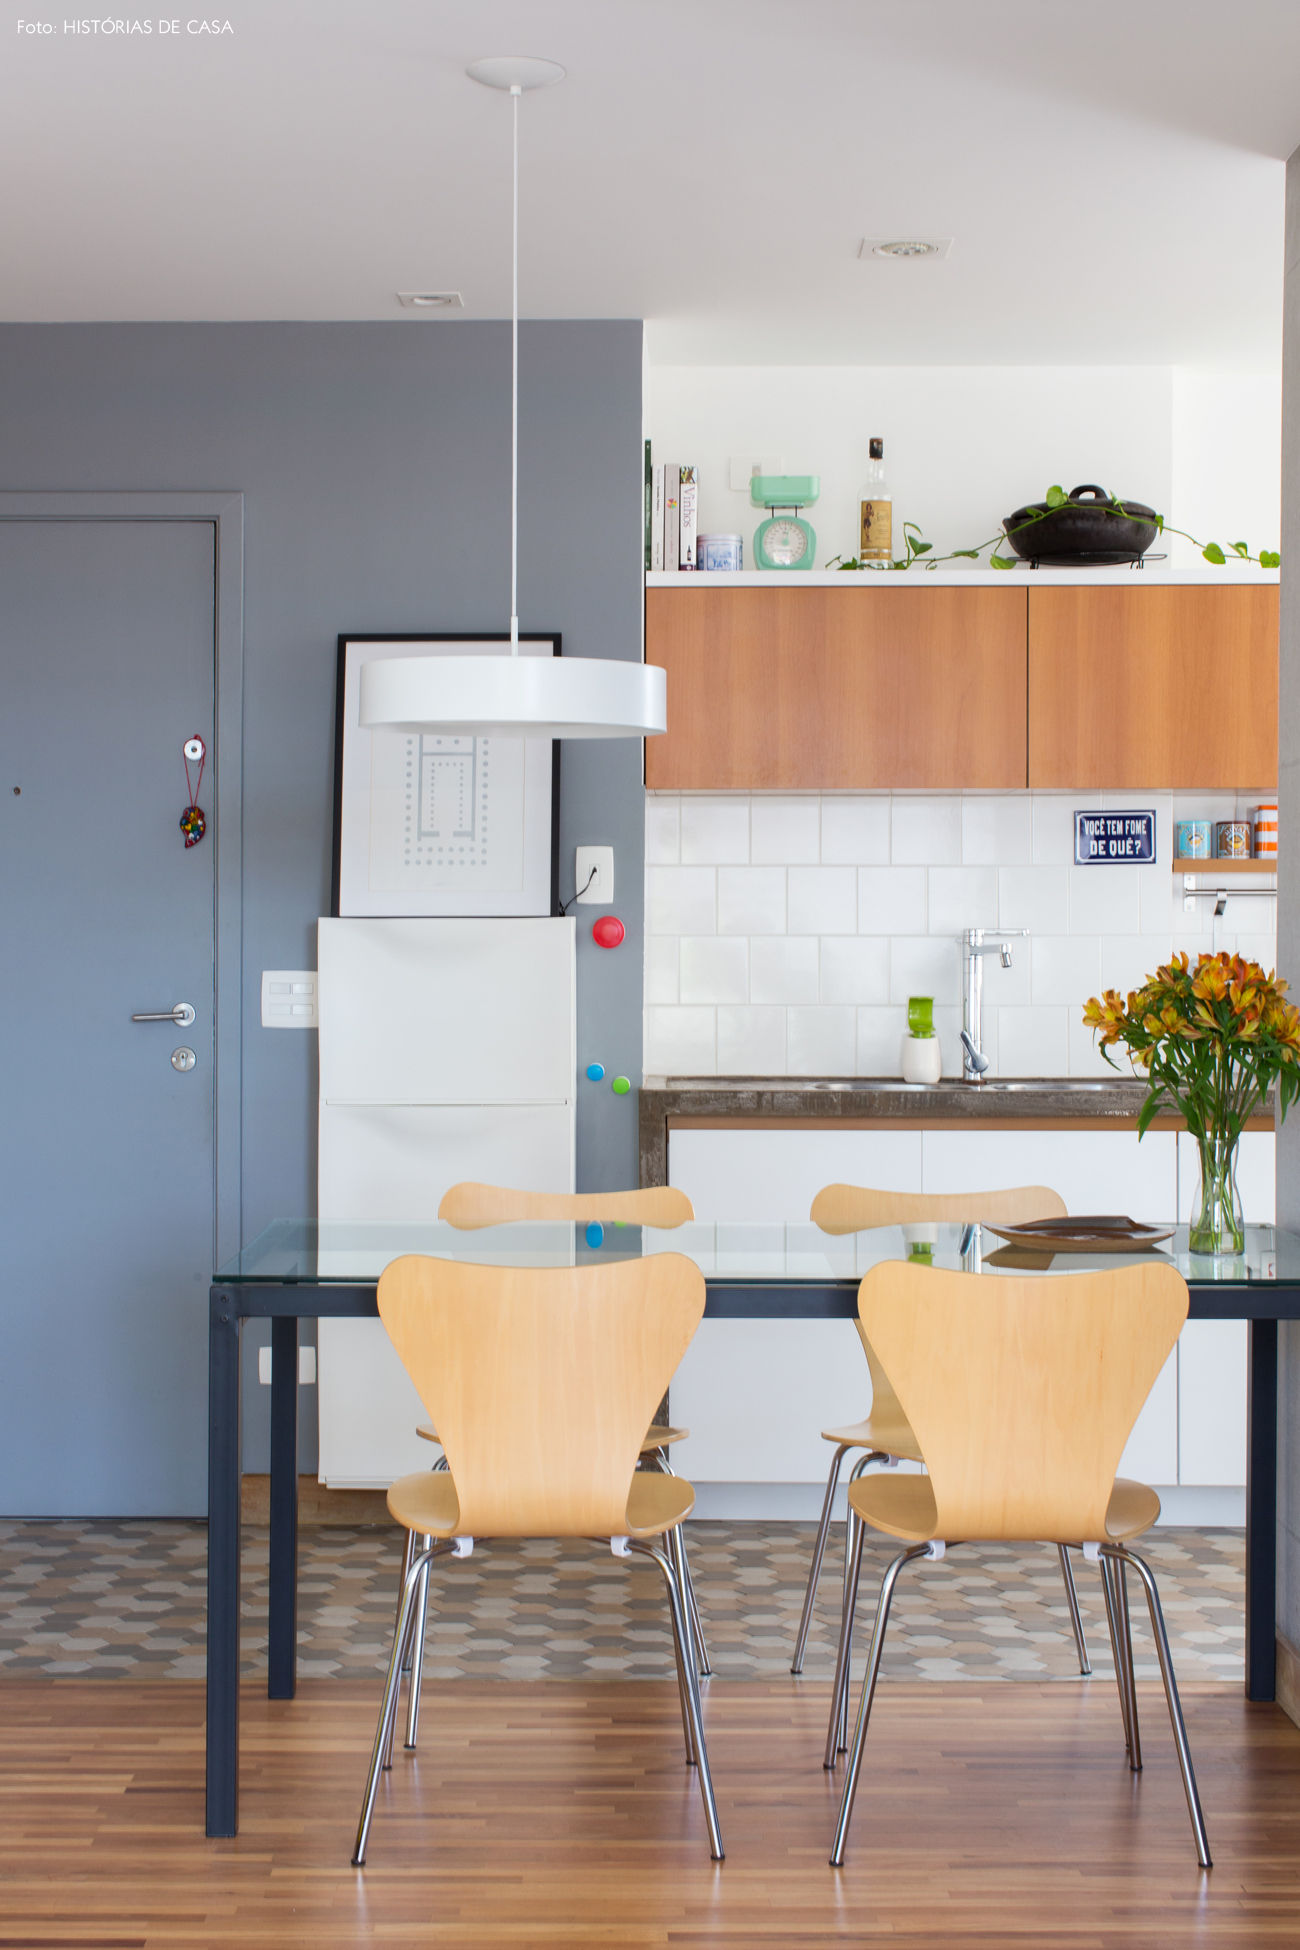 16-decoracao-apartamento-pequeno-cozinha-azulejos-brancos-piso-ladrilhos